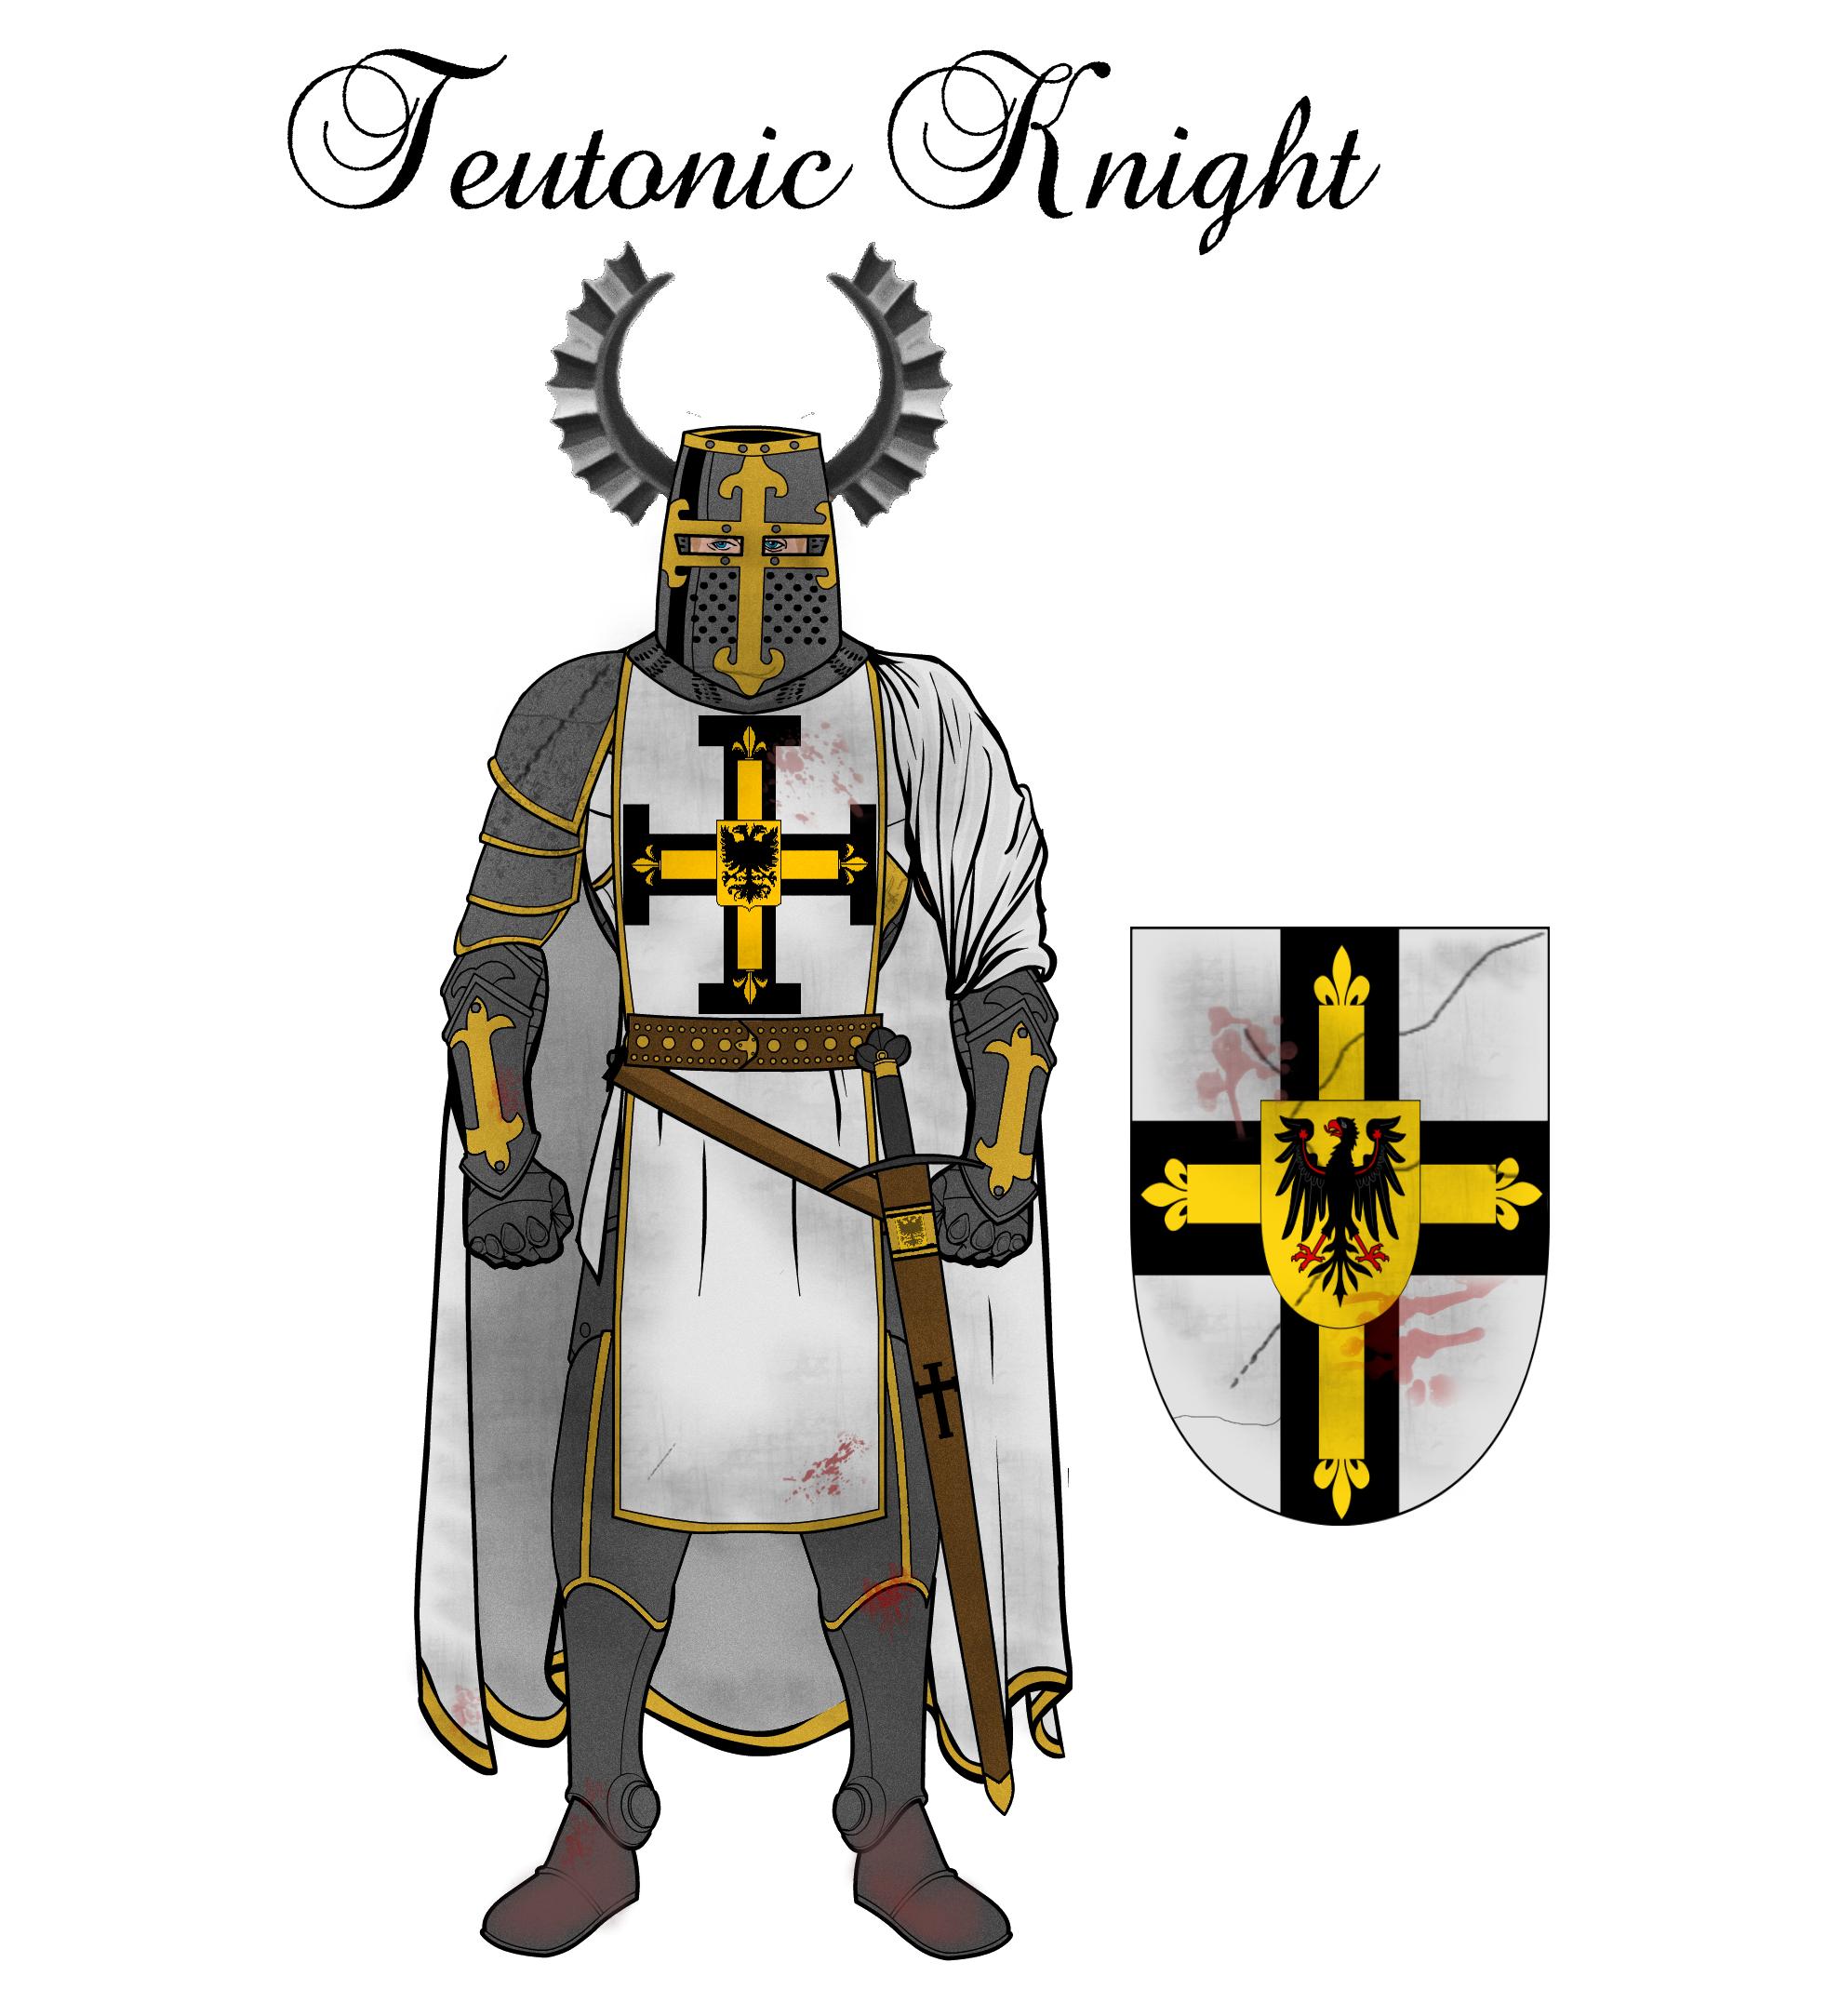 картинка ордена тевтонского ордена домашнего использования